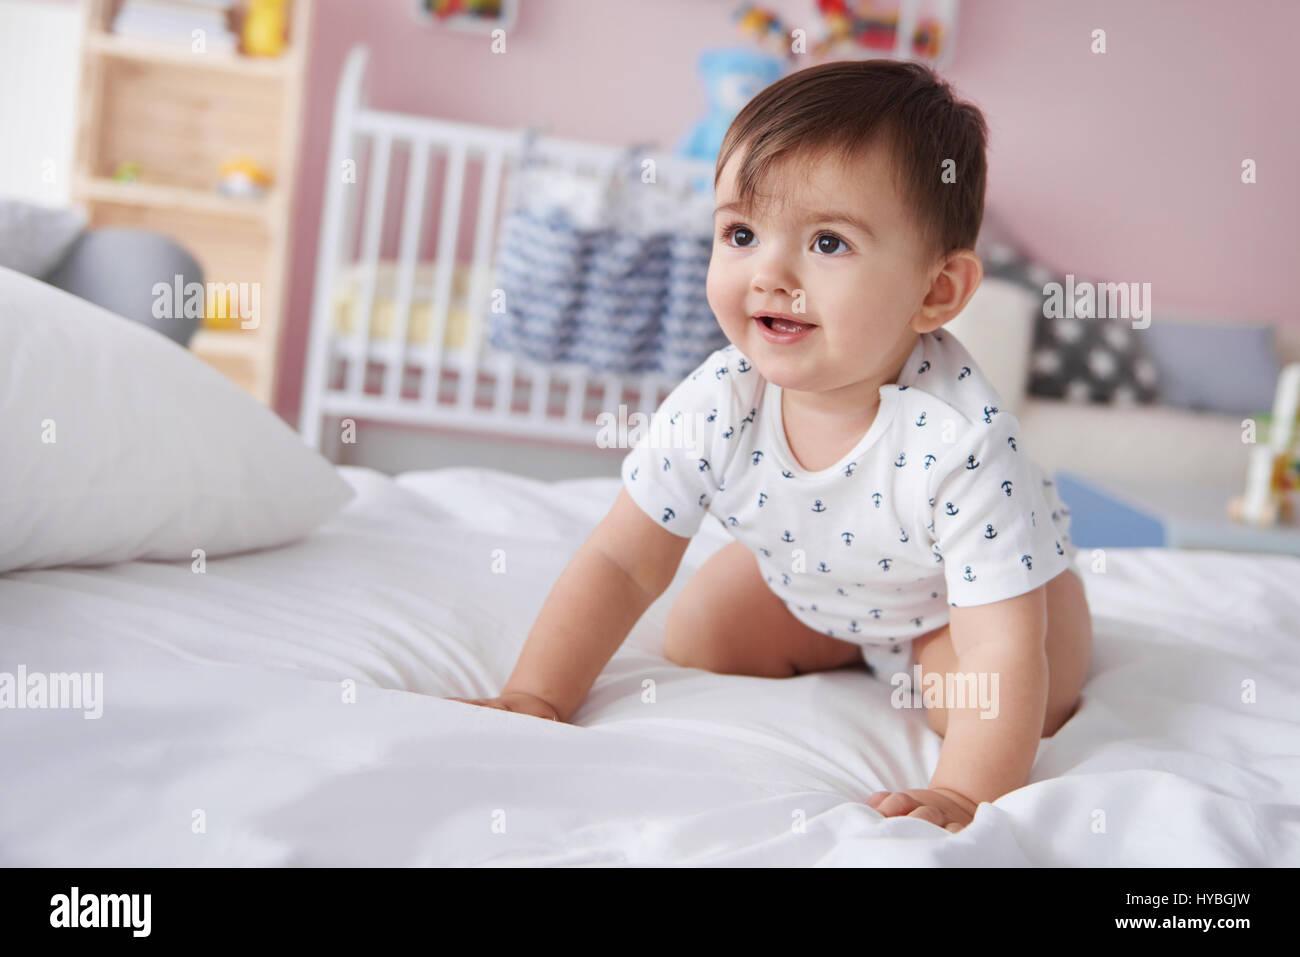 Smiling baby boy de ramper sur le lit Photo Stock